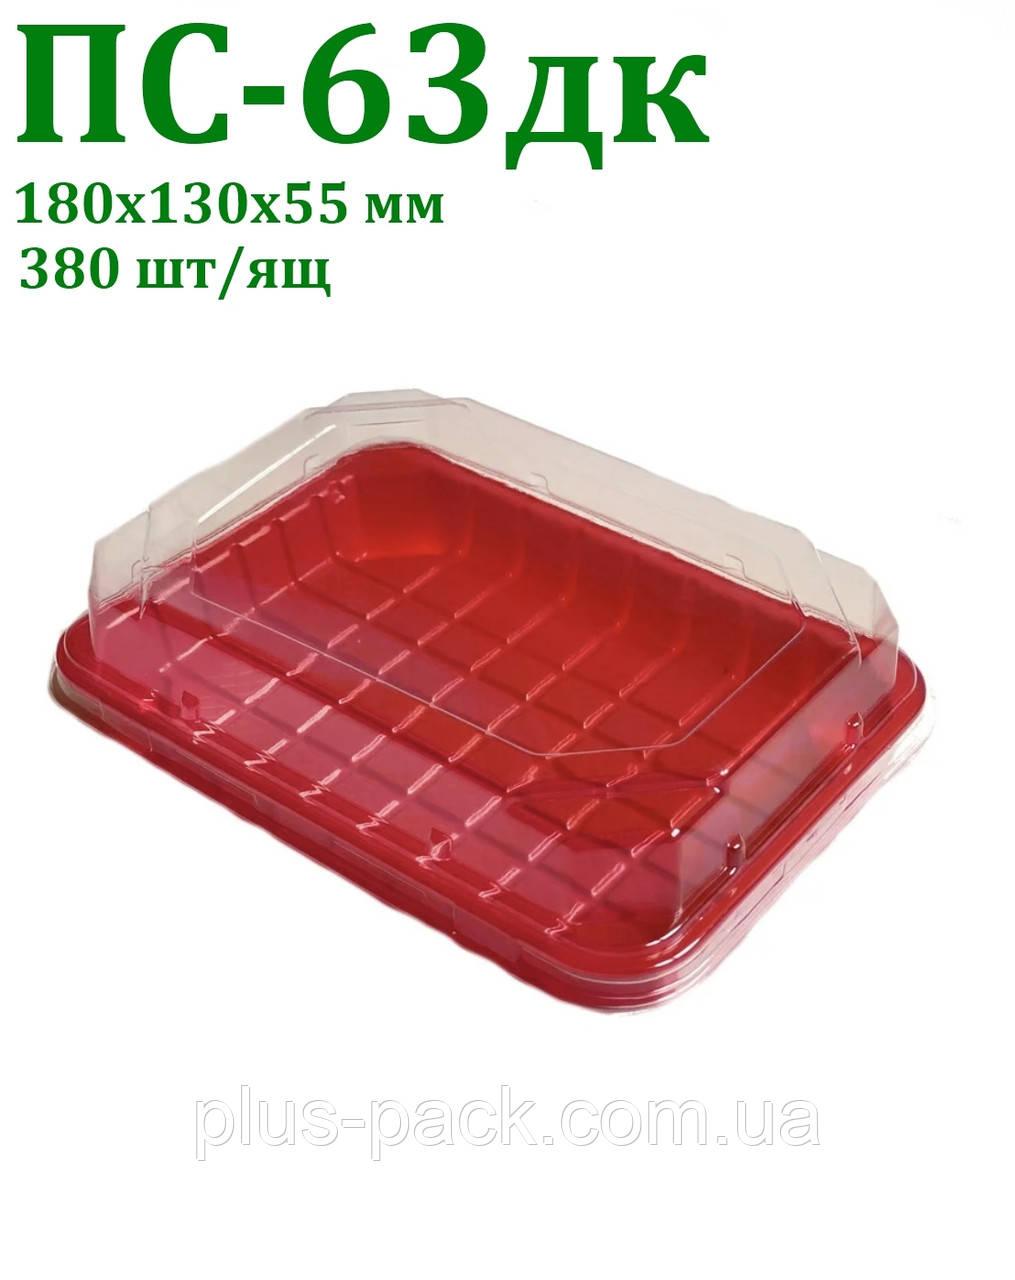 Упаковка для суши и роллов ПС-63 дк